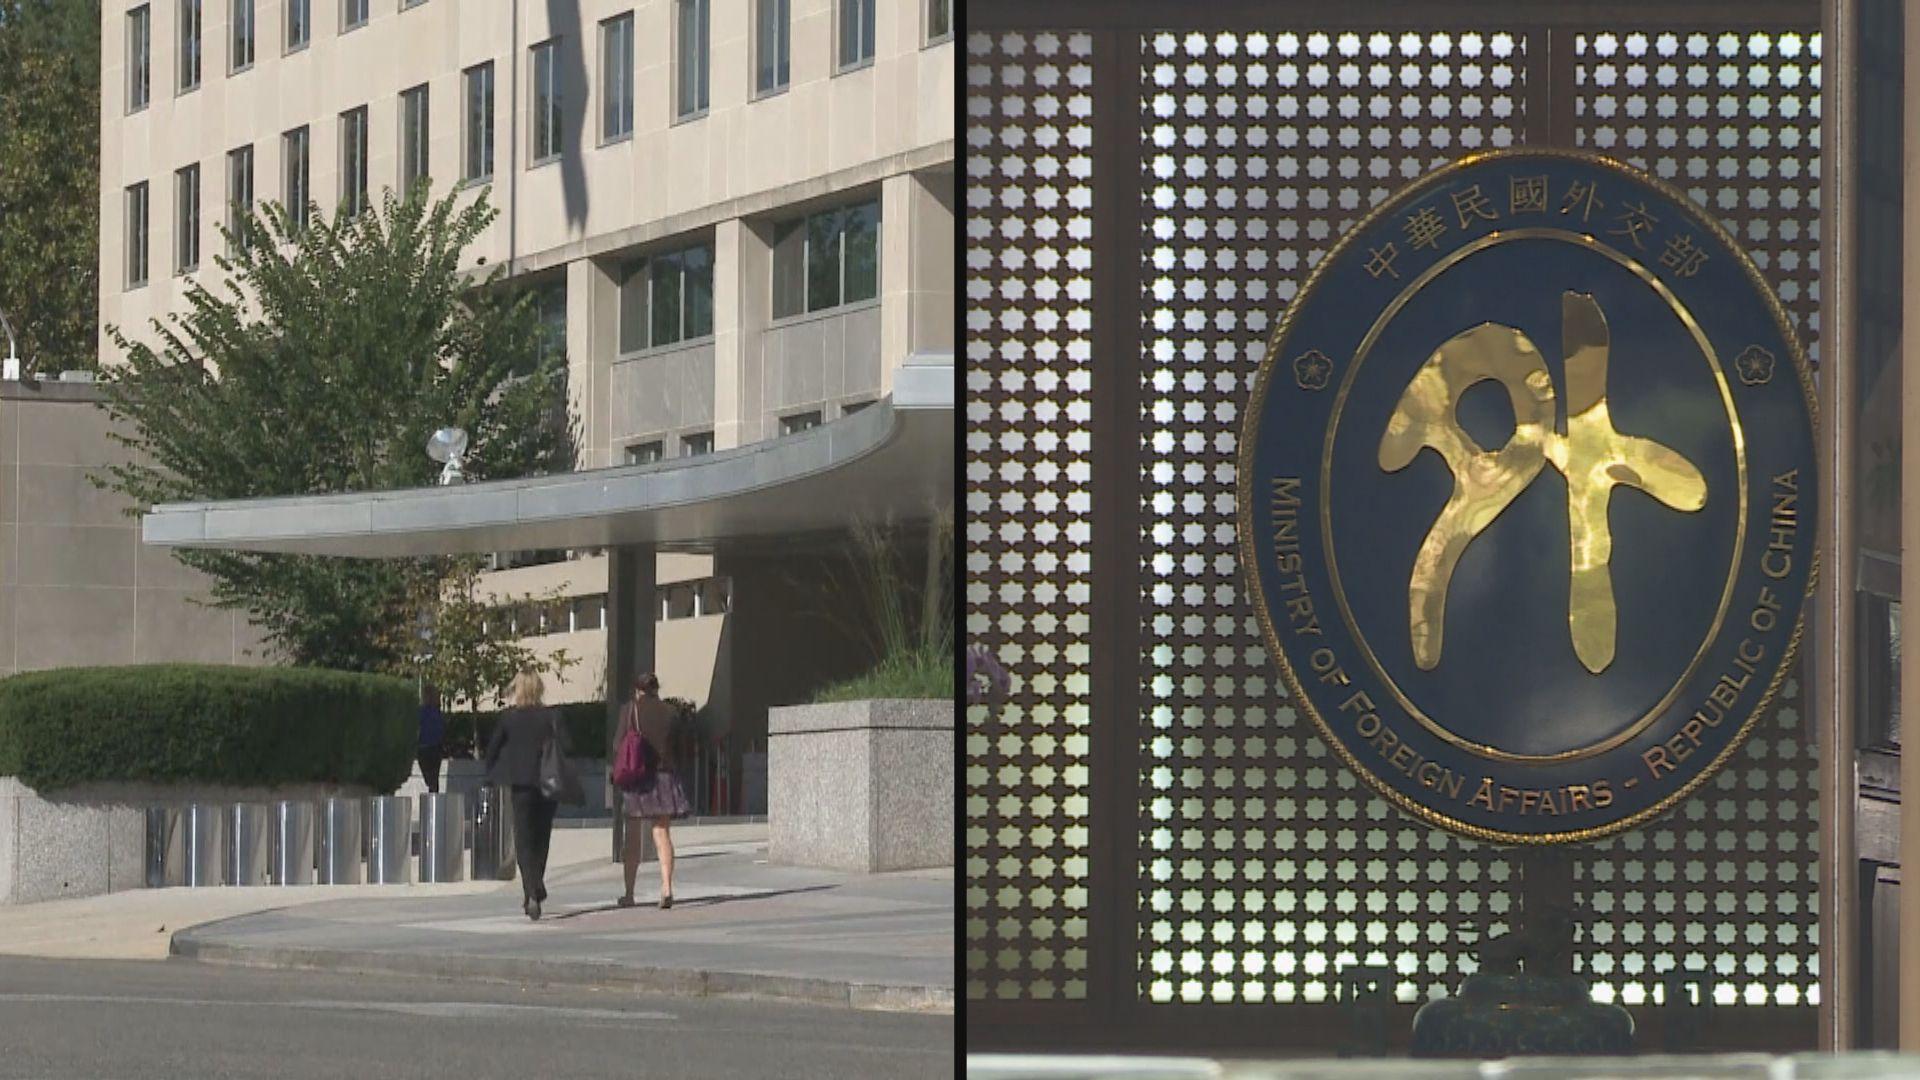 美台官員視像會議 討論擴大台灣國際參與